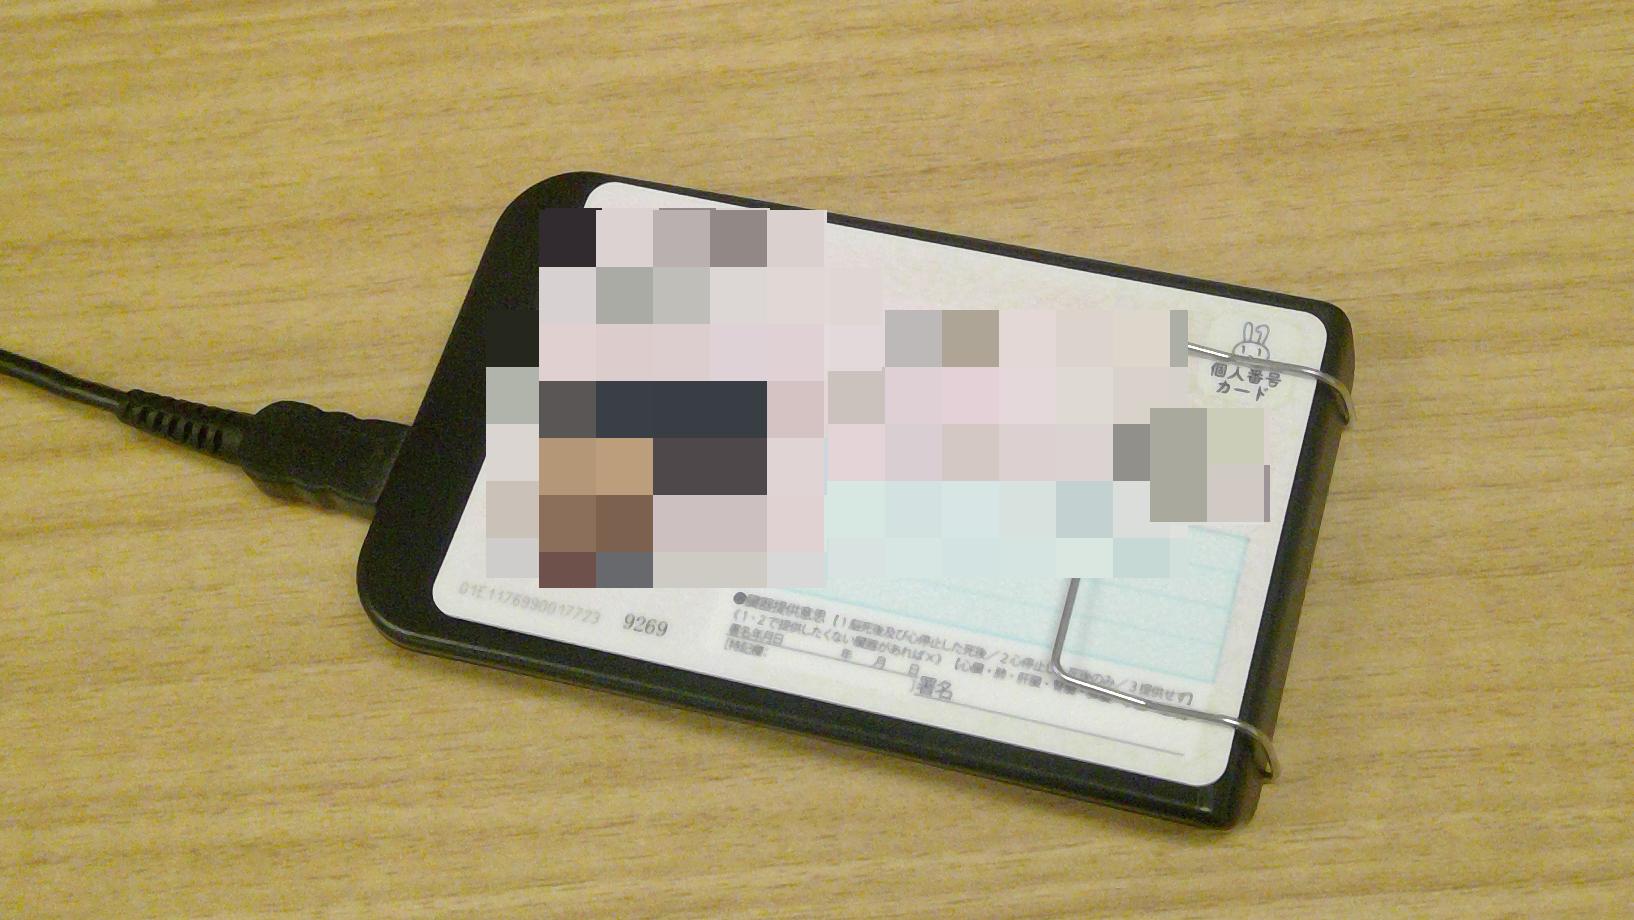 ICカードリーダーを使用しているイメージ写真